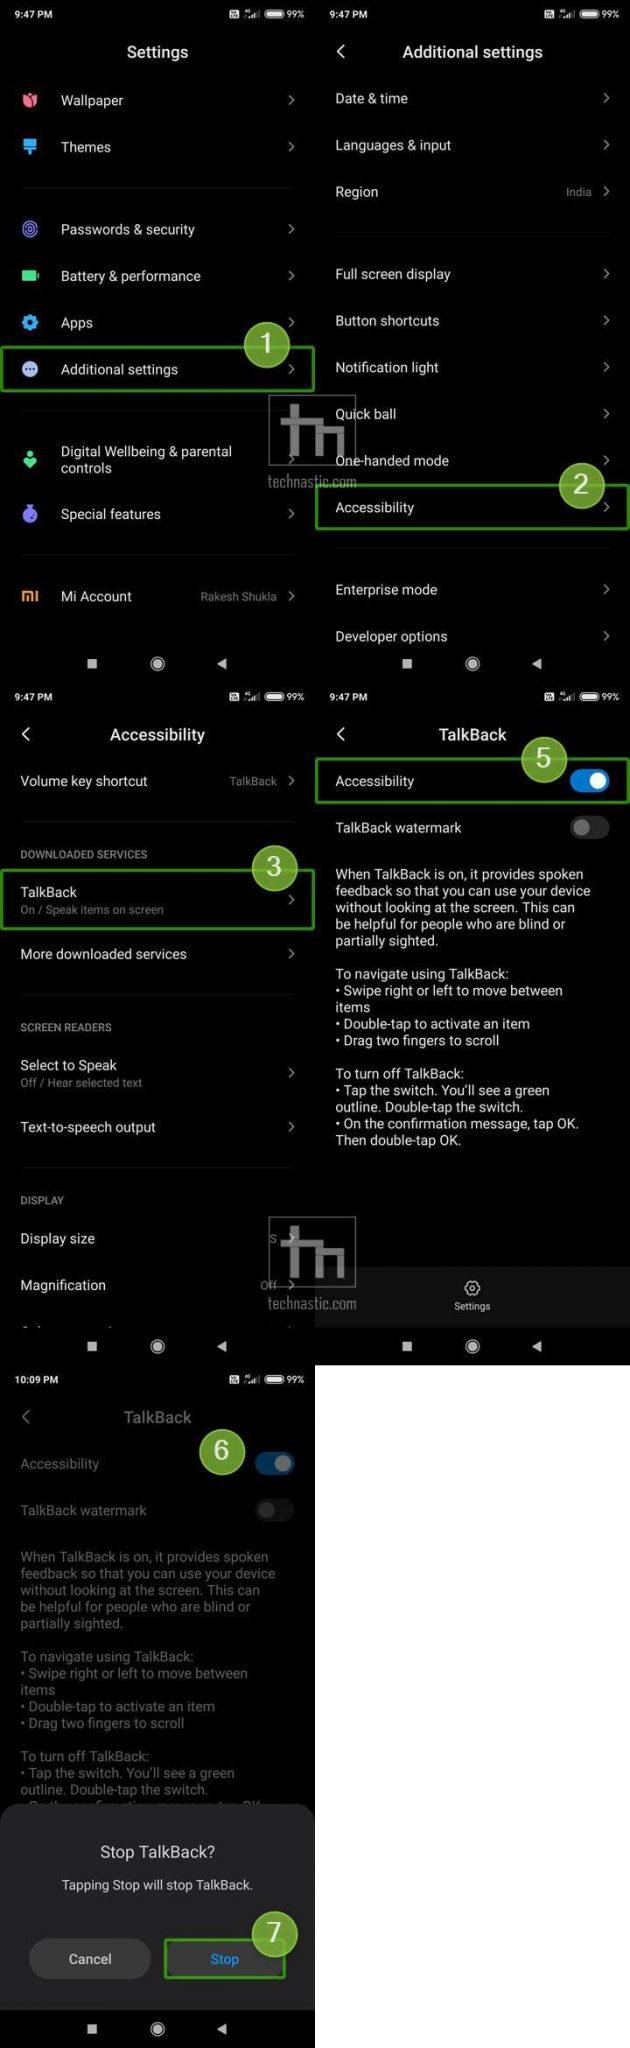 turn off talkback on xiaomi devices